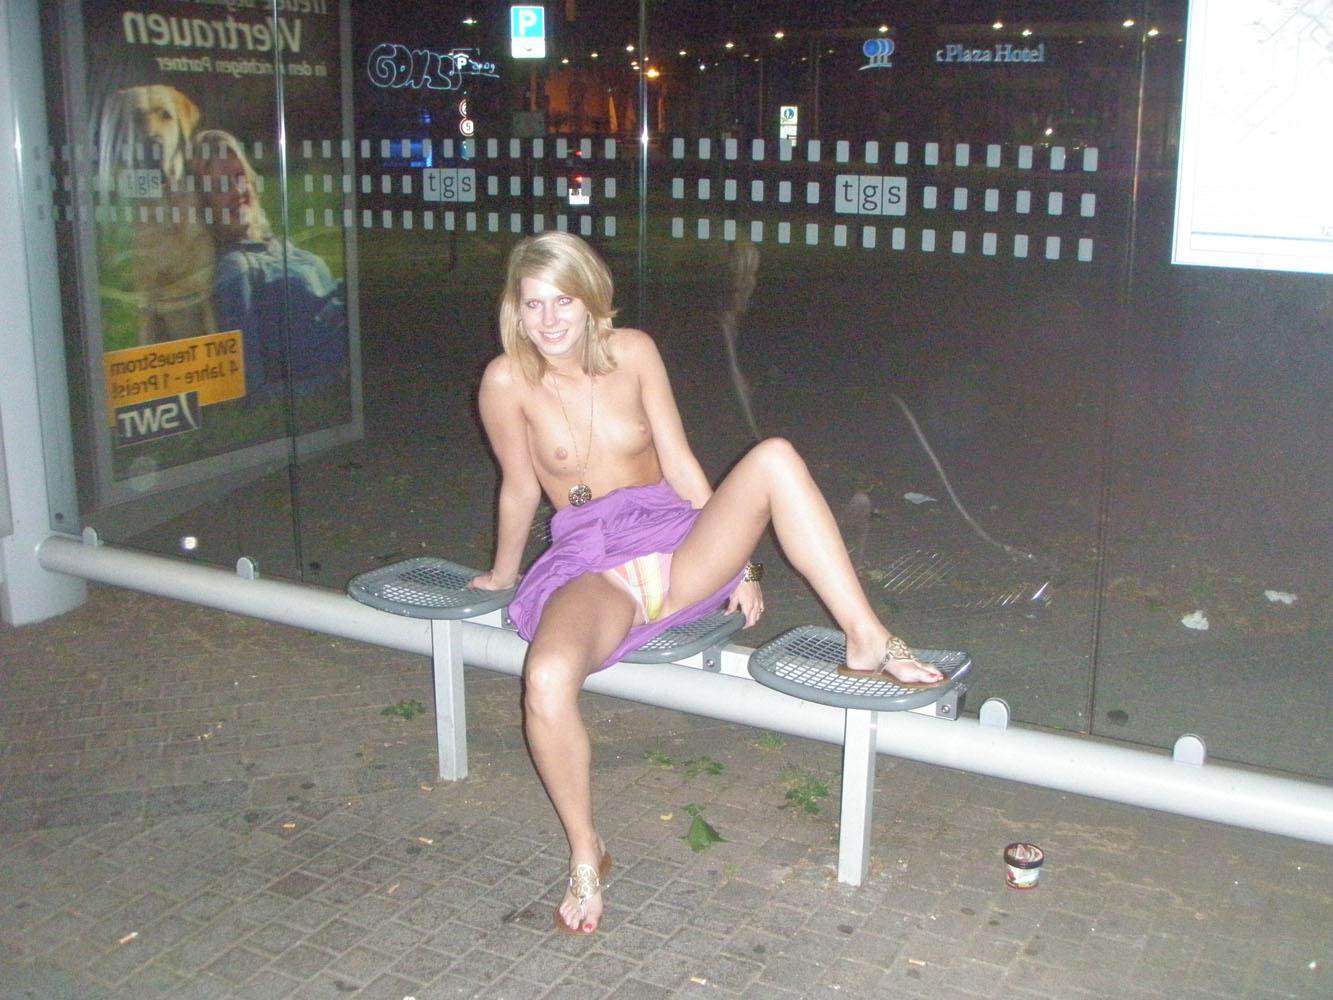 Фото девушки спалились, Спалились (46 фото) Загоны. Ру - самый загонный сайт! 11 фотография